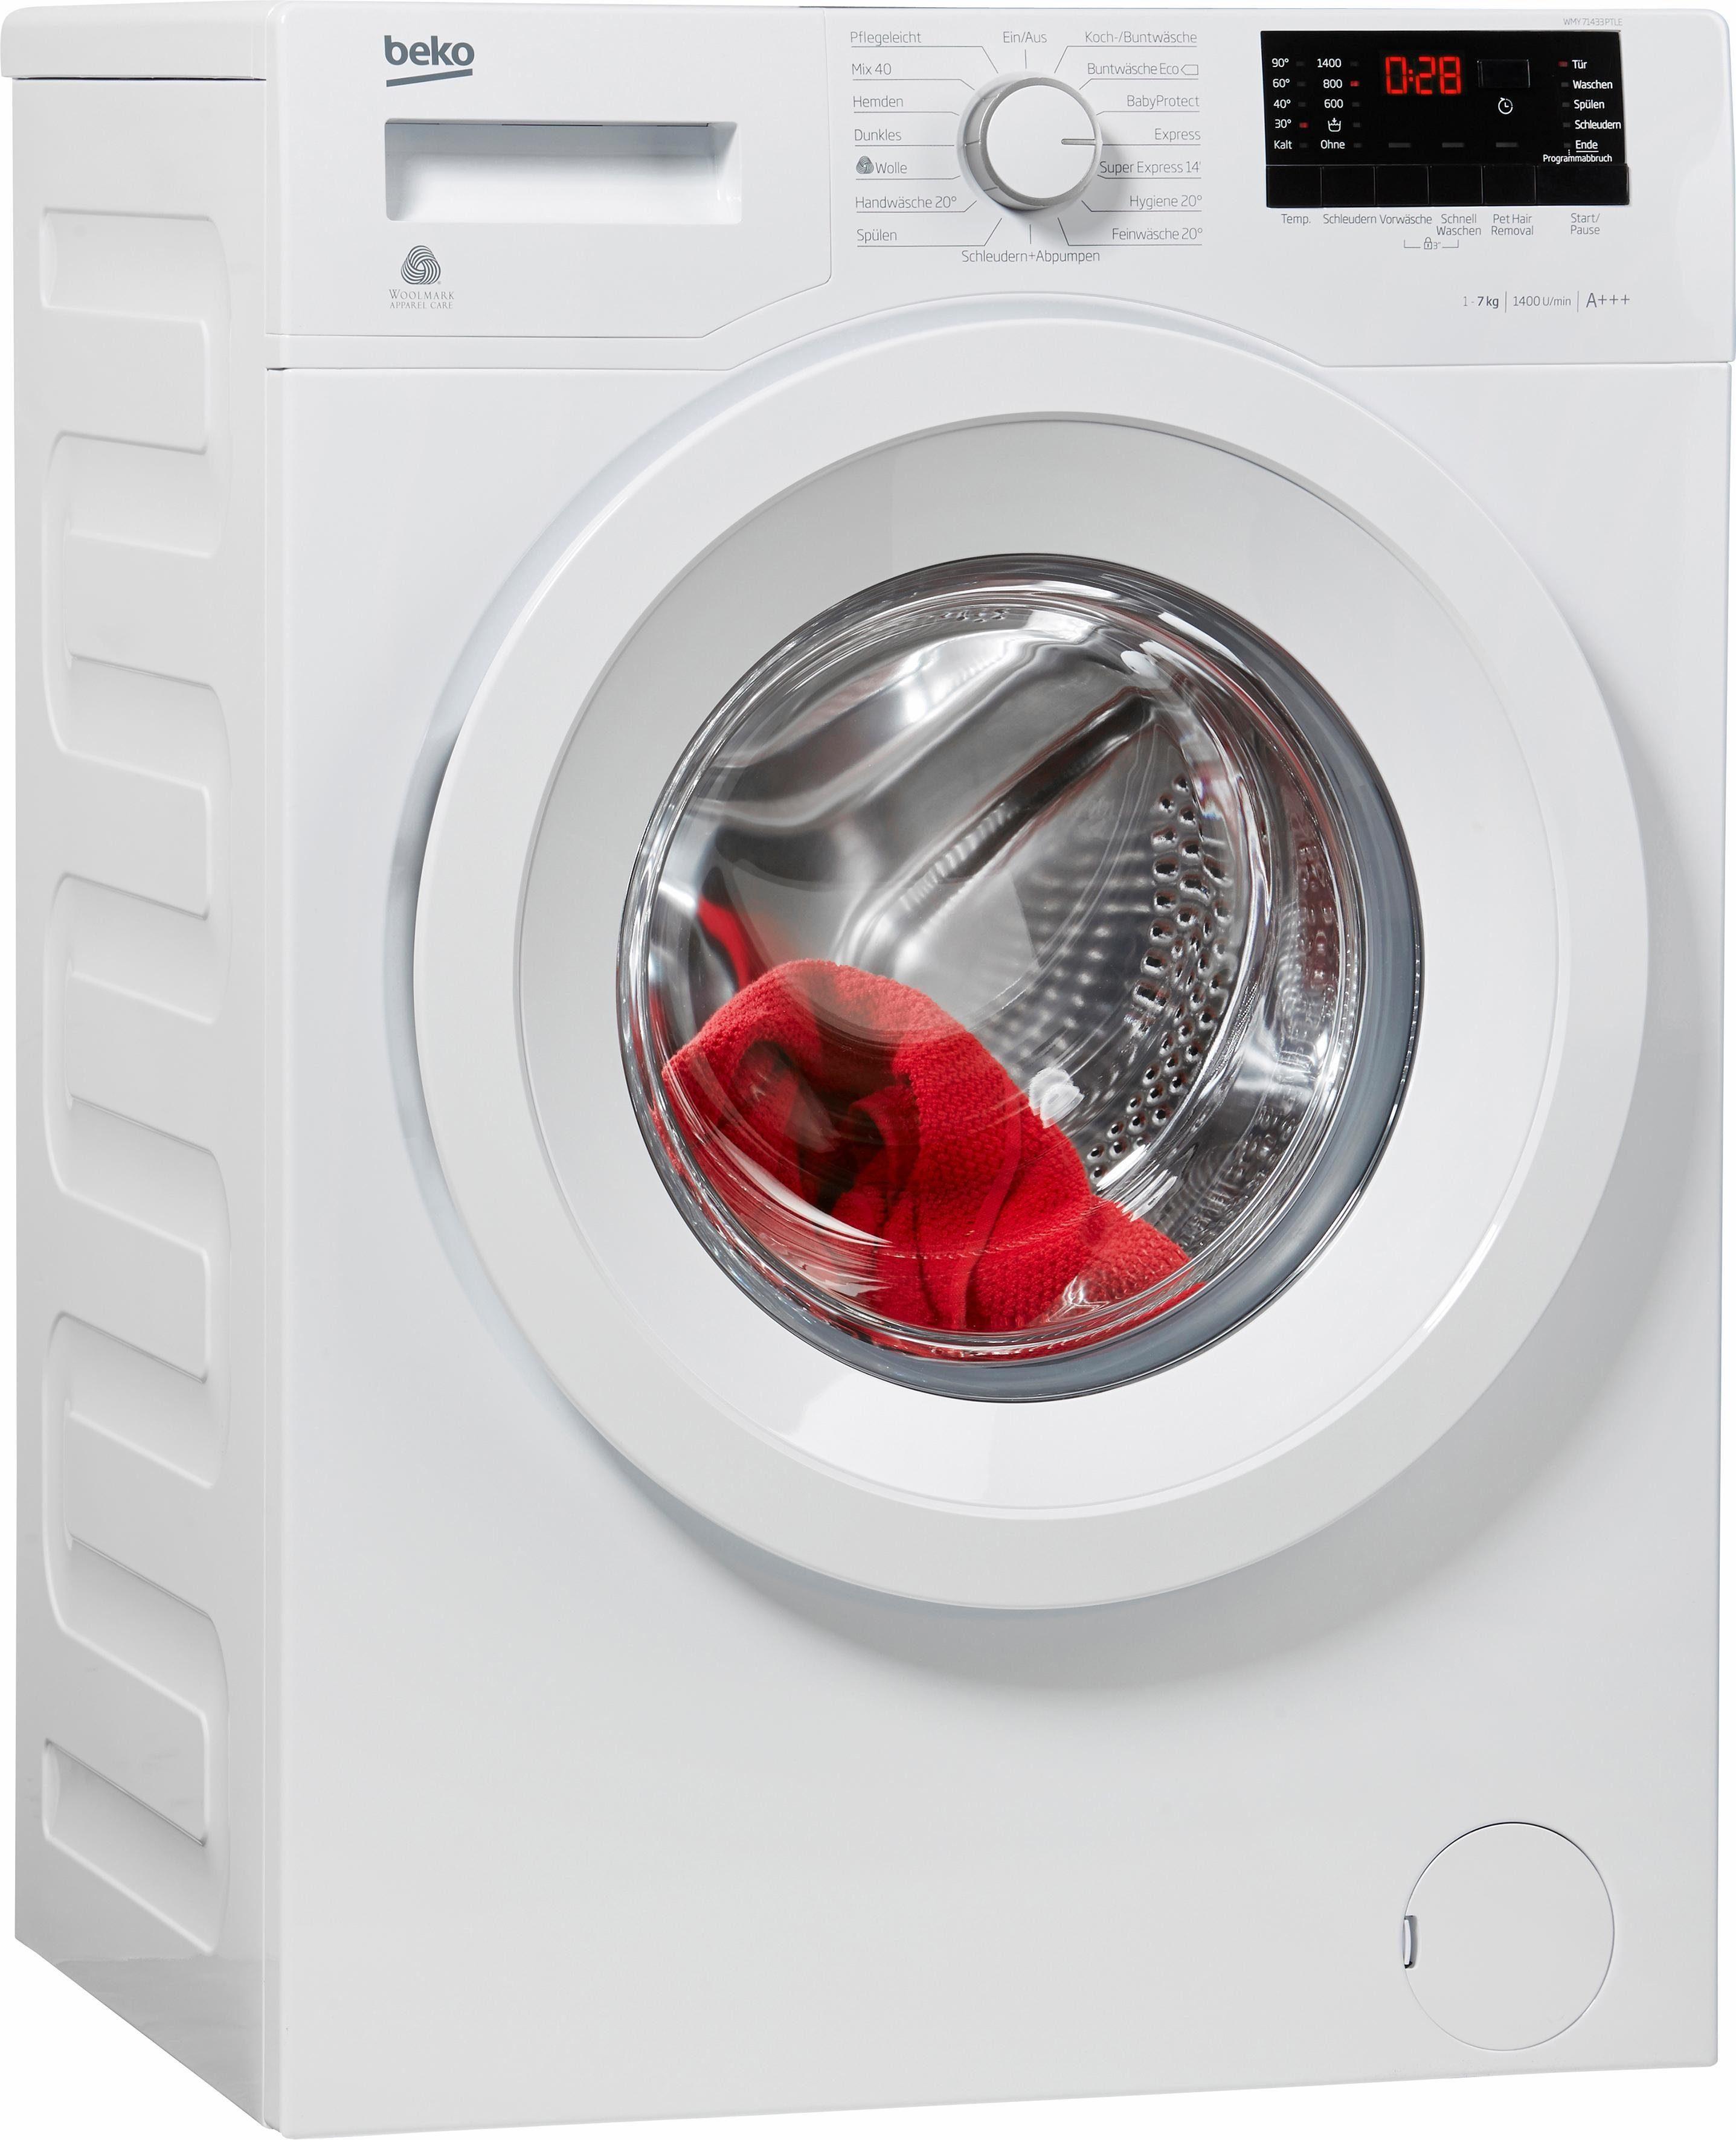 BEKO Waschmaschine WMY 71433 PTLE, A+++, 7 kg, 1400 U/Min